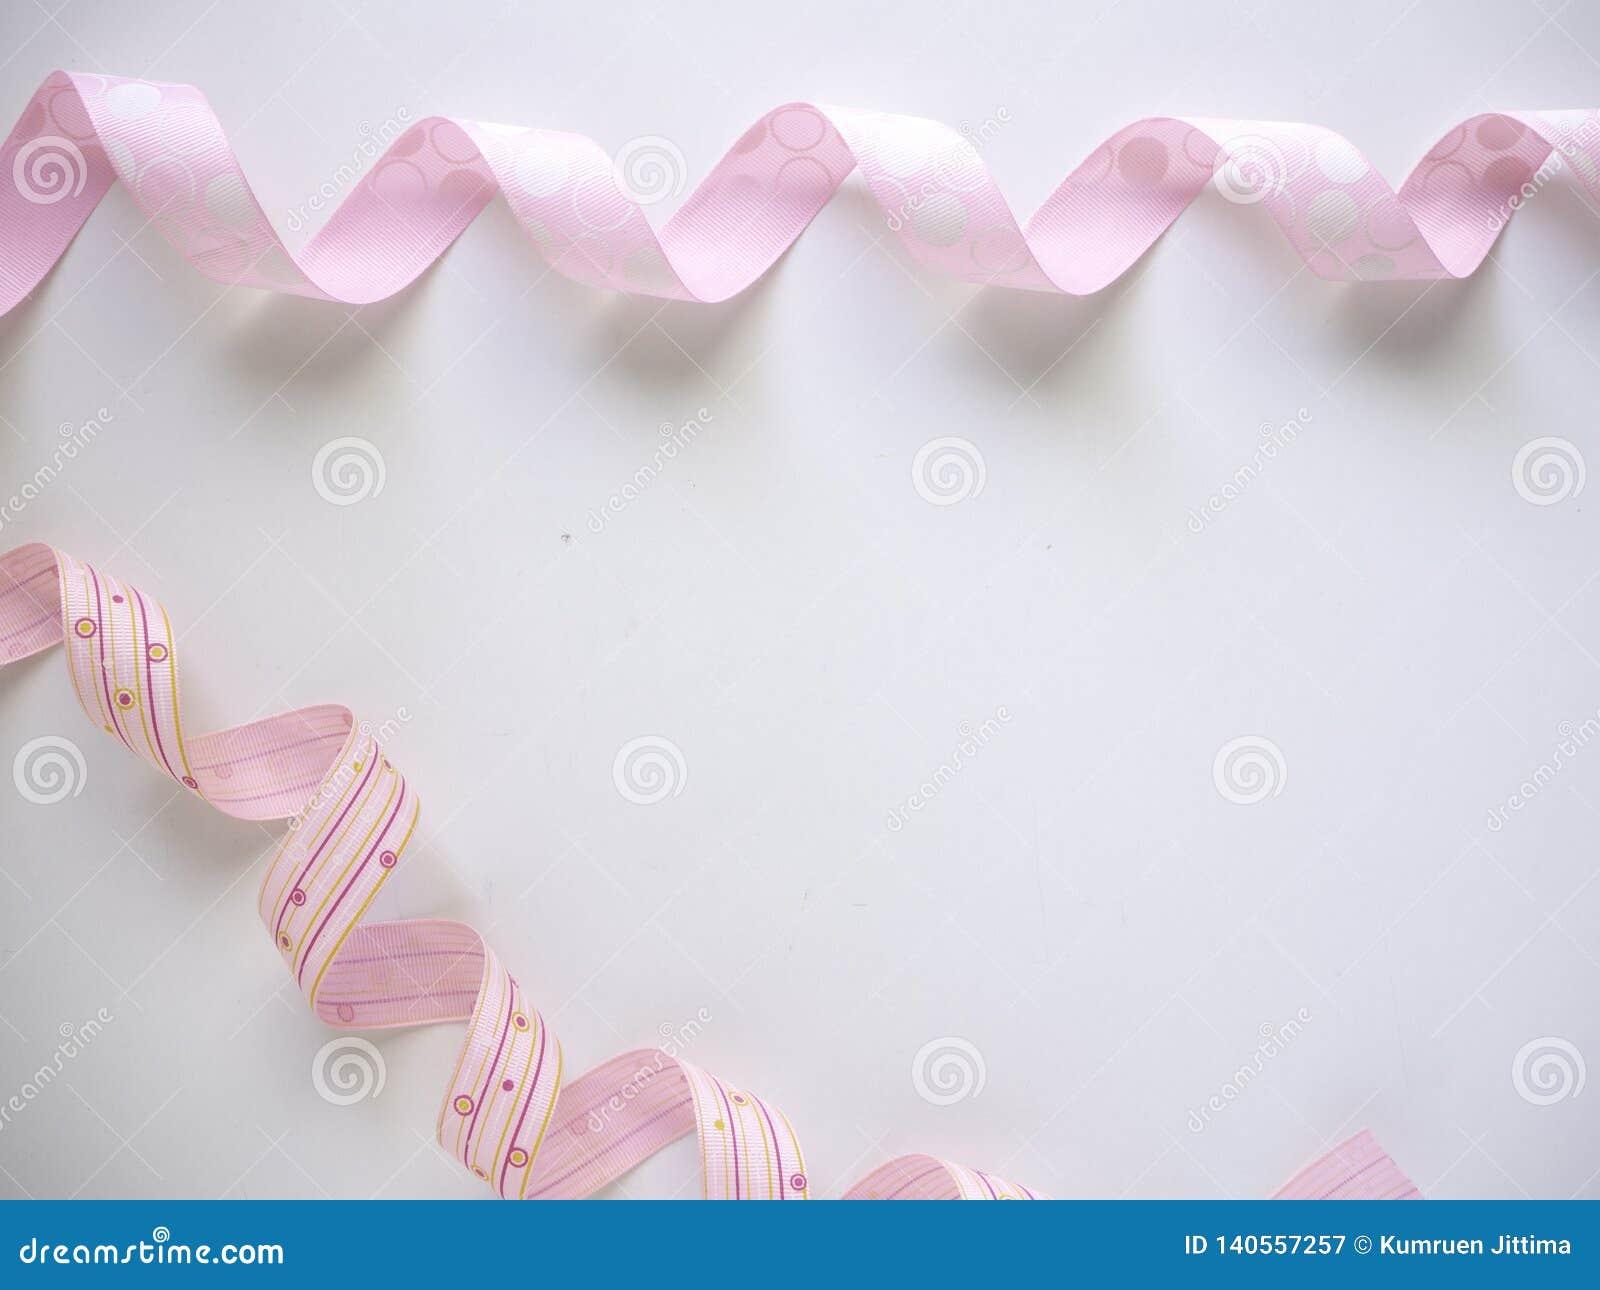 Розовая курчавая лента на белом